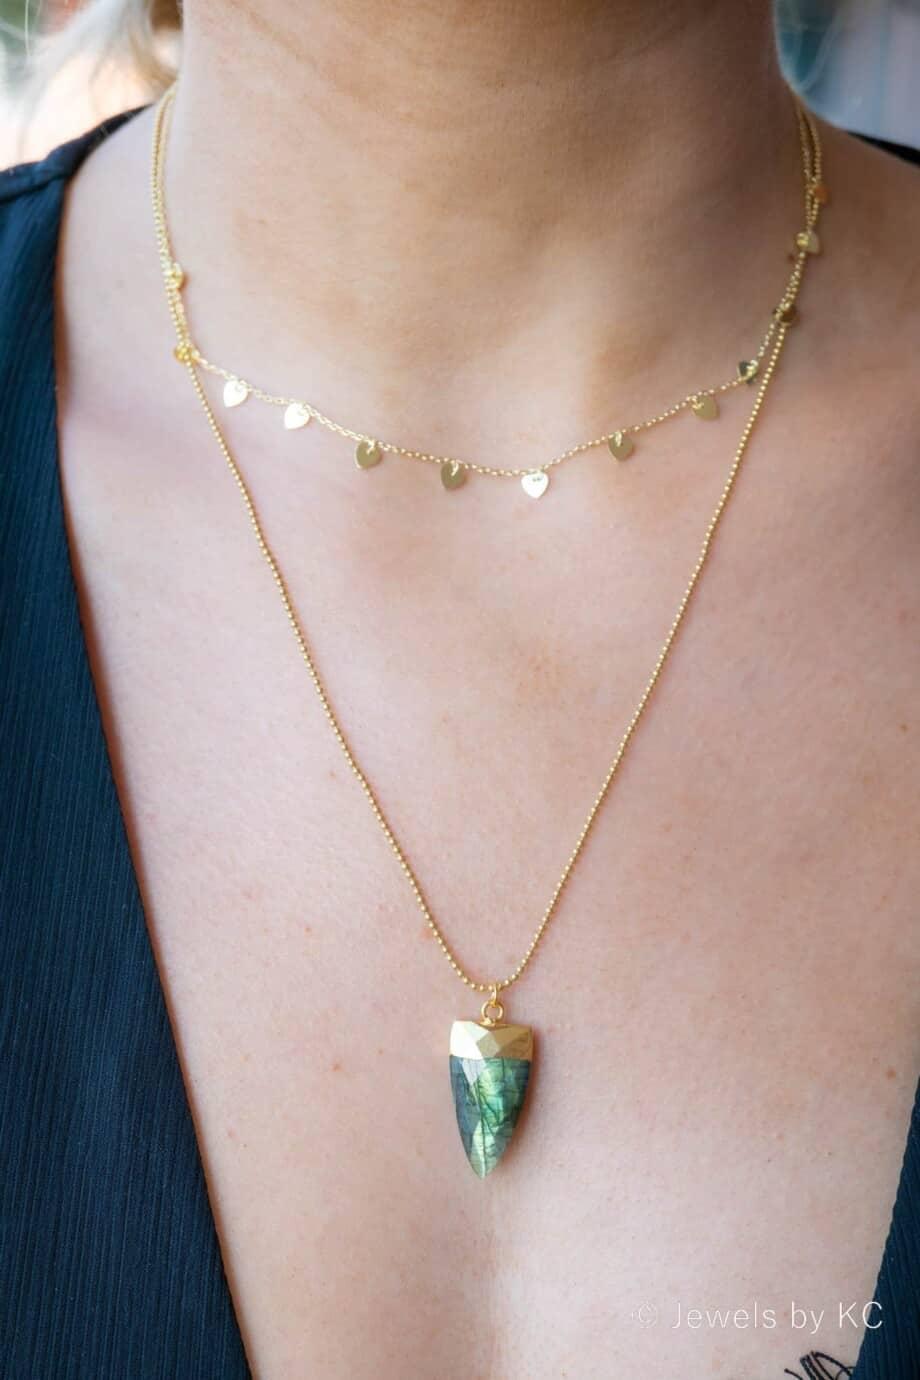 Gouden ketting met edelsteen blauw-groene Labradoriet van Goud op Zilver